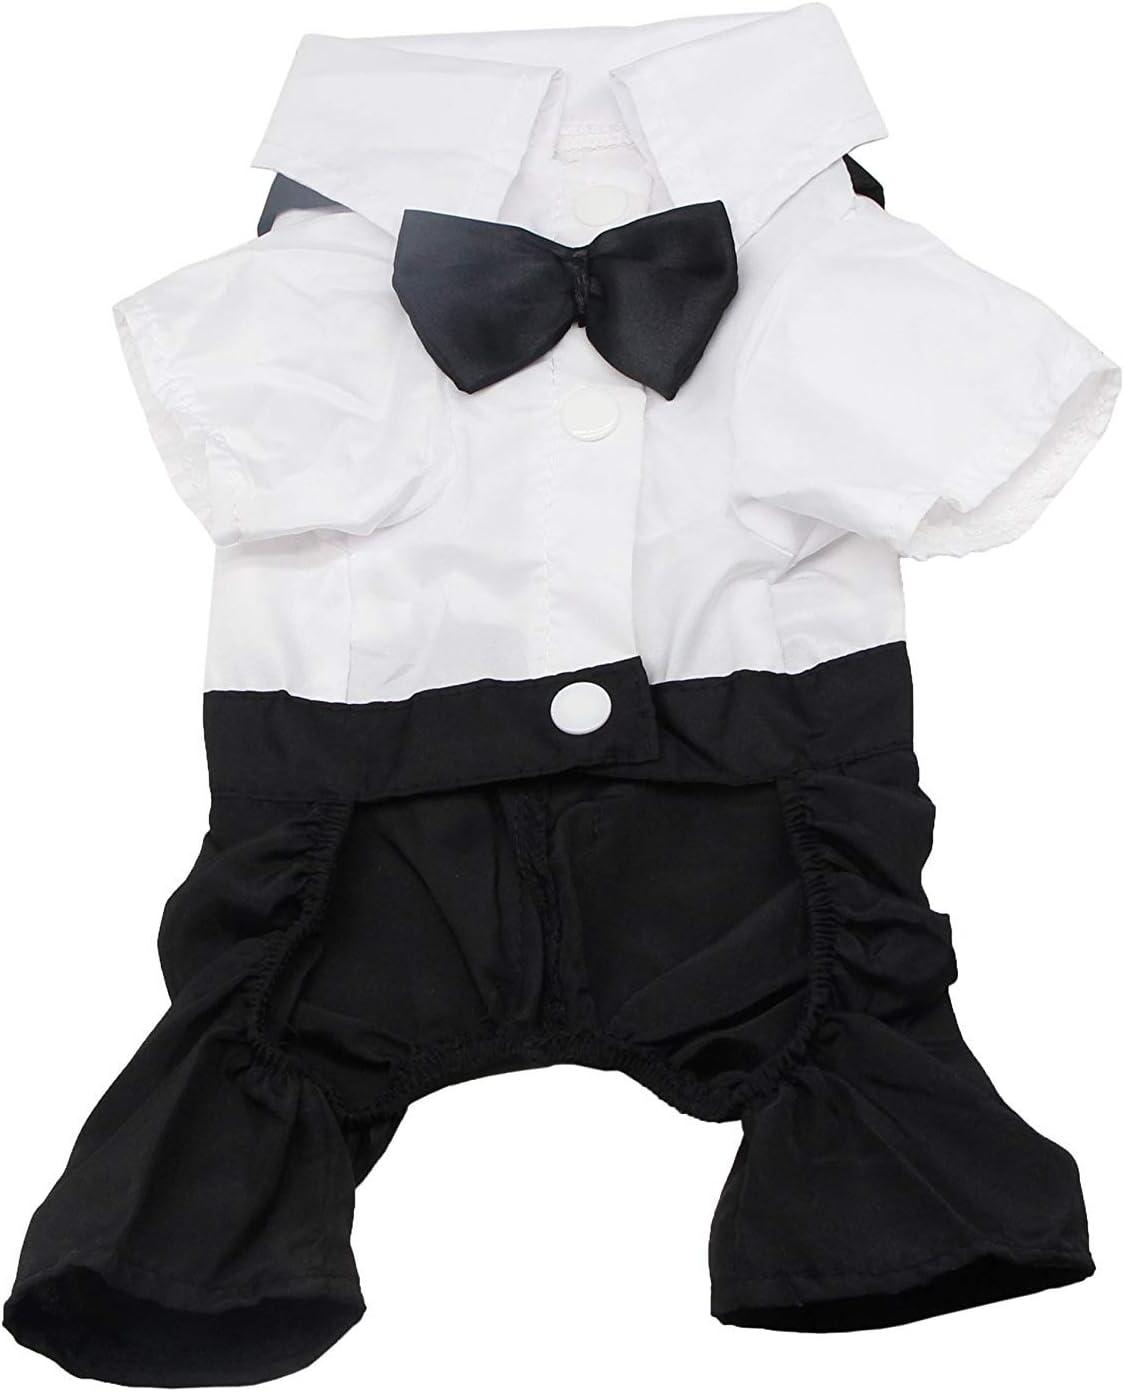 QiCheng & LYS Ropa para Perros Traje Elegante con Estilo de Corbata de moño, Camisa de Esmoquin Formal con Traje de Corbata Negra (XXL)